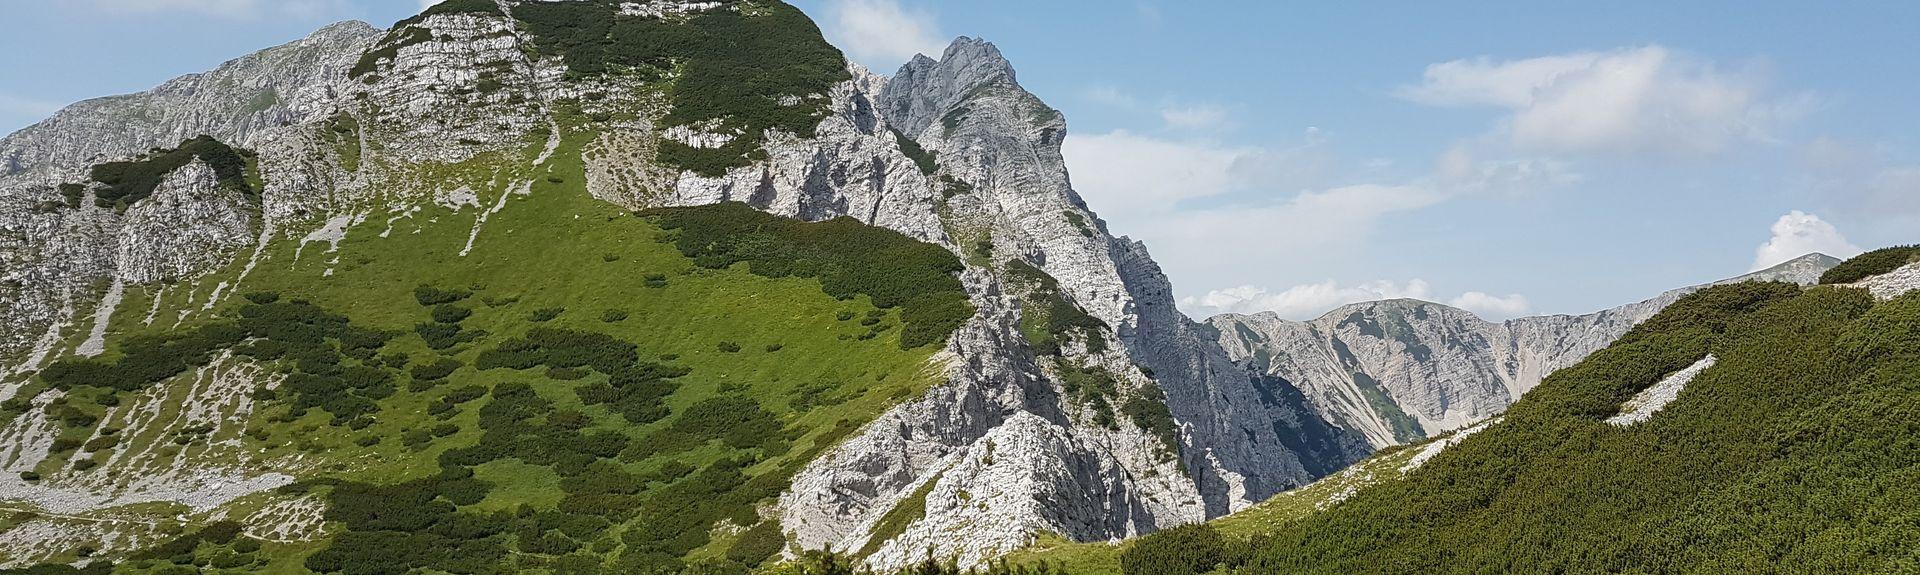 Pörtschach am Wörthersee, Carinzia, Austria